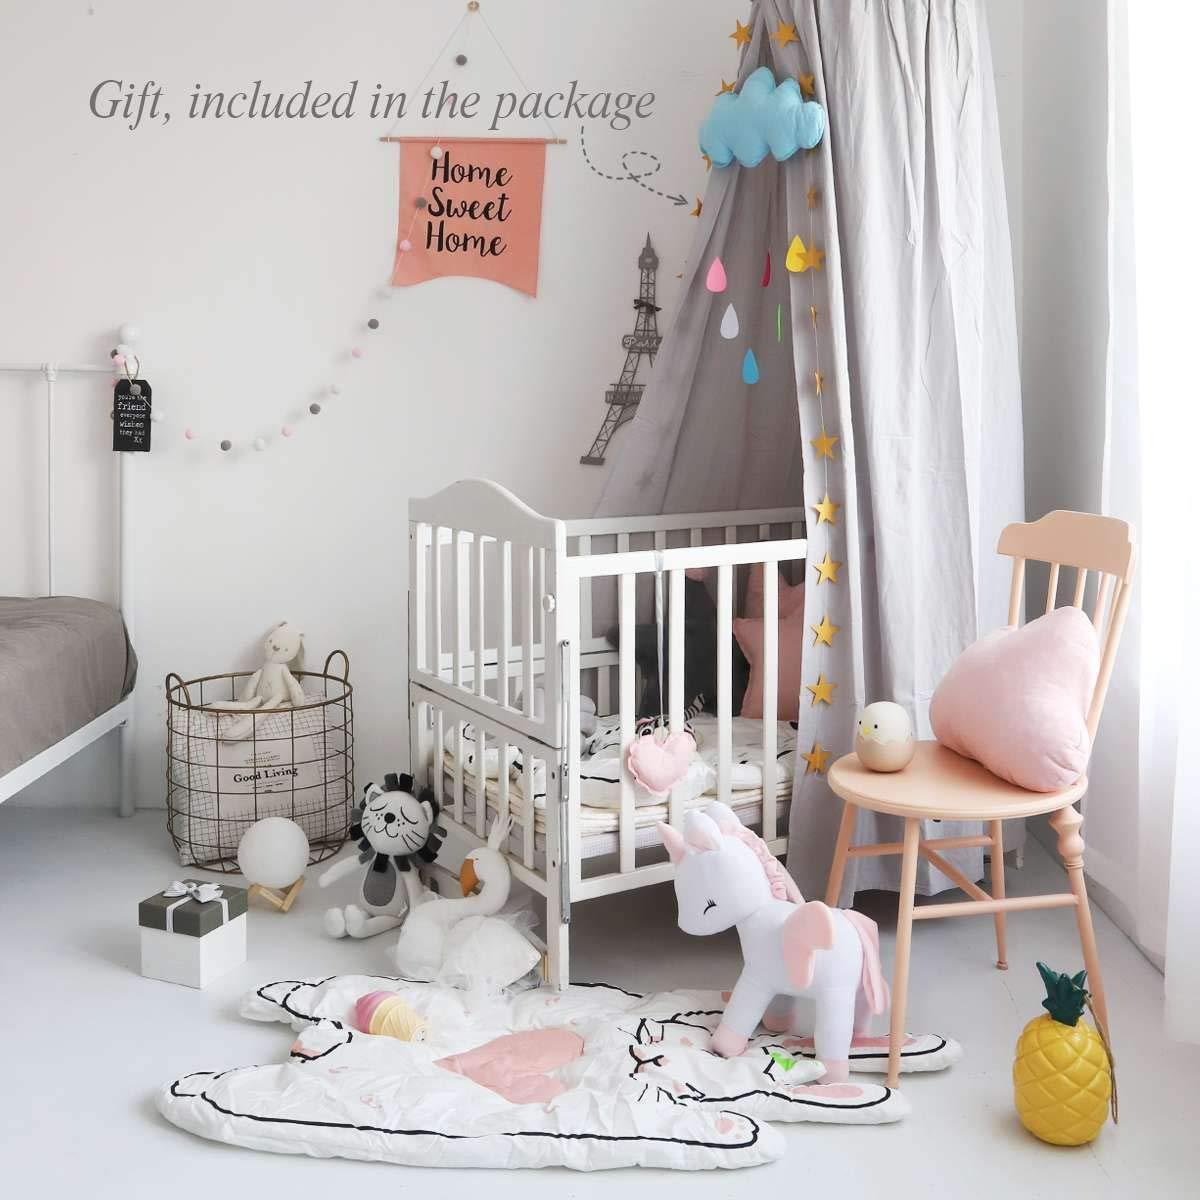 Spielzelt f/ür Babys H/öhe 240 cm Betthimmel Kuppel Baumwolle f/ür Kinderzimmer Dix-Rainbow rund Moskitonetz Betthimmel f/ür Kinder